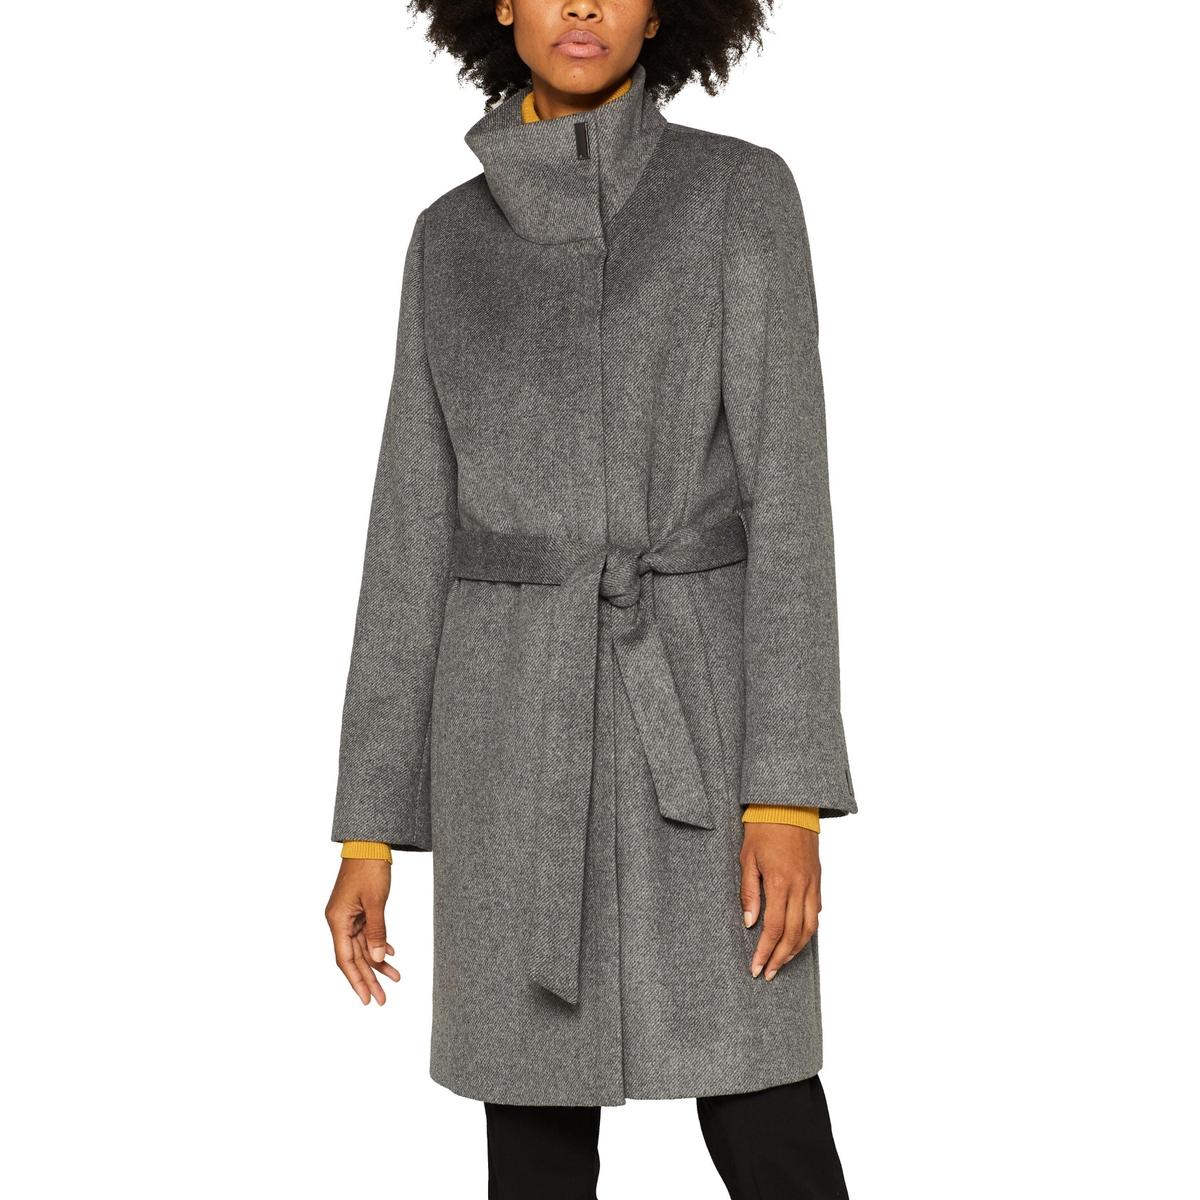 Abrigo largo con cremallera, cuello alto y cinturón